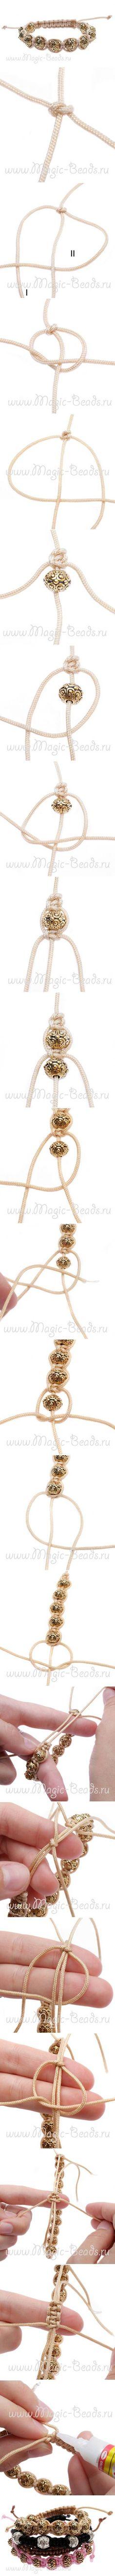 DIY Shambhala Bracelet